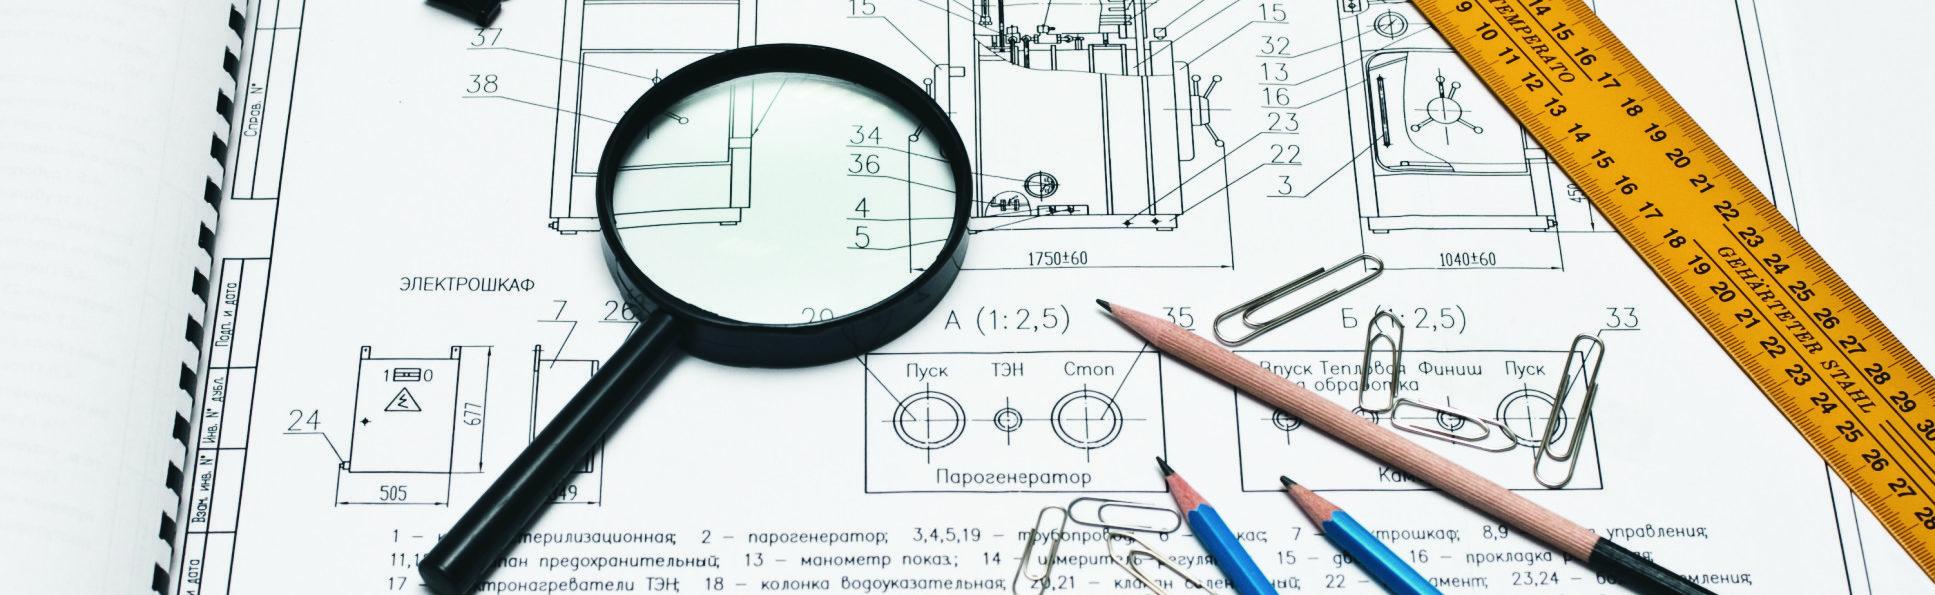 Картинки по запросу Качественное проведение экспертизы строительного проекта